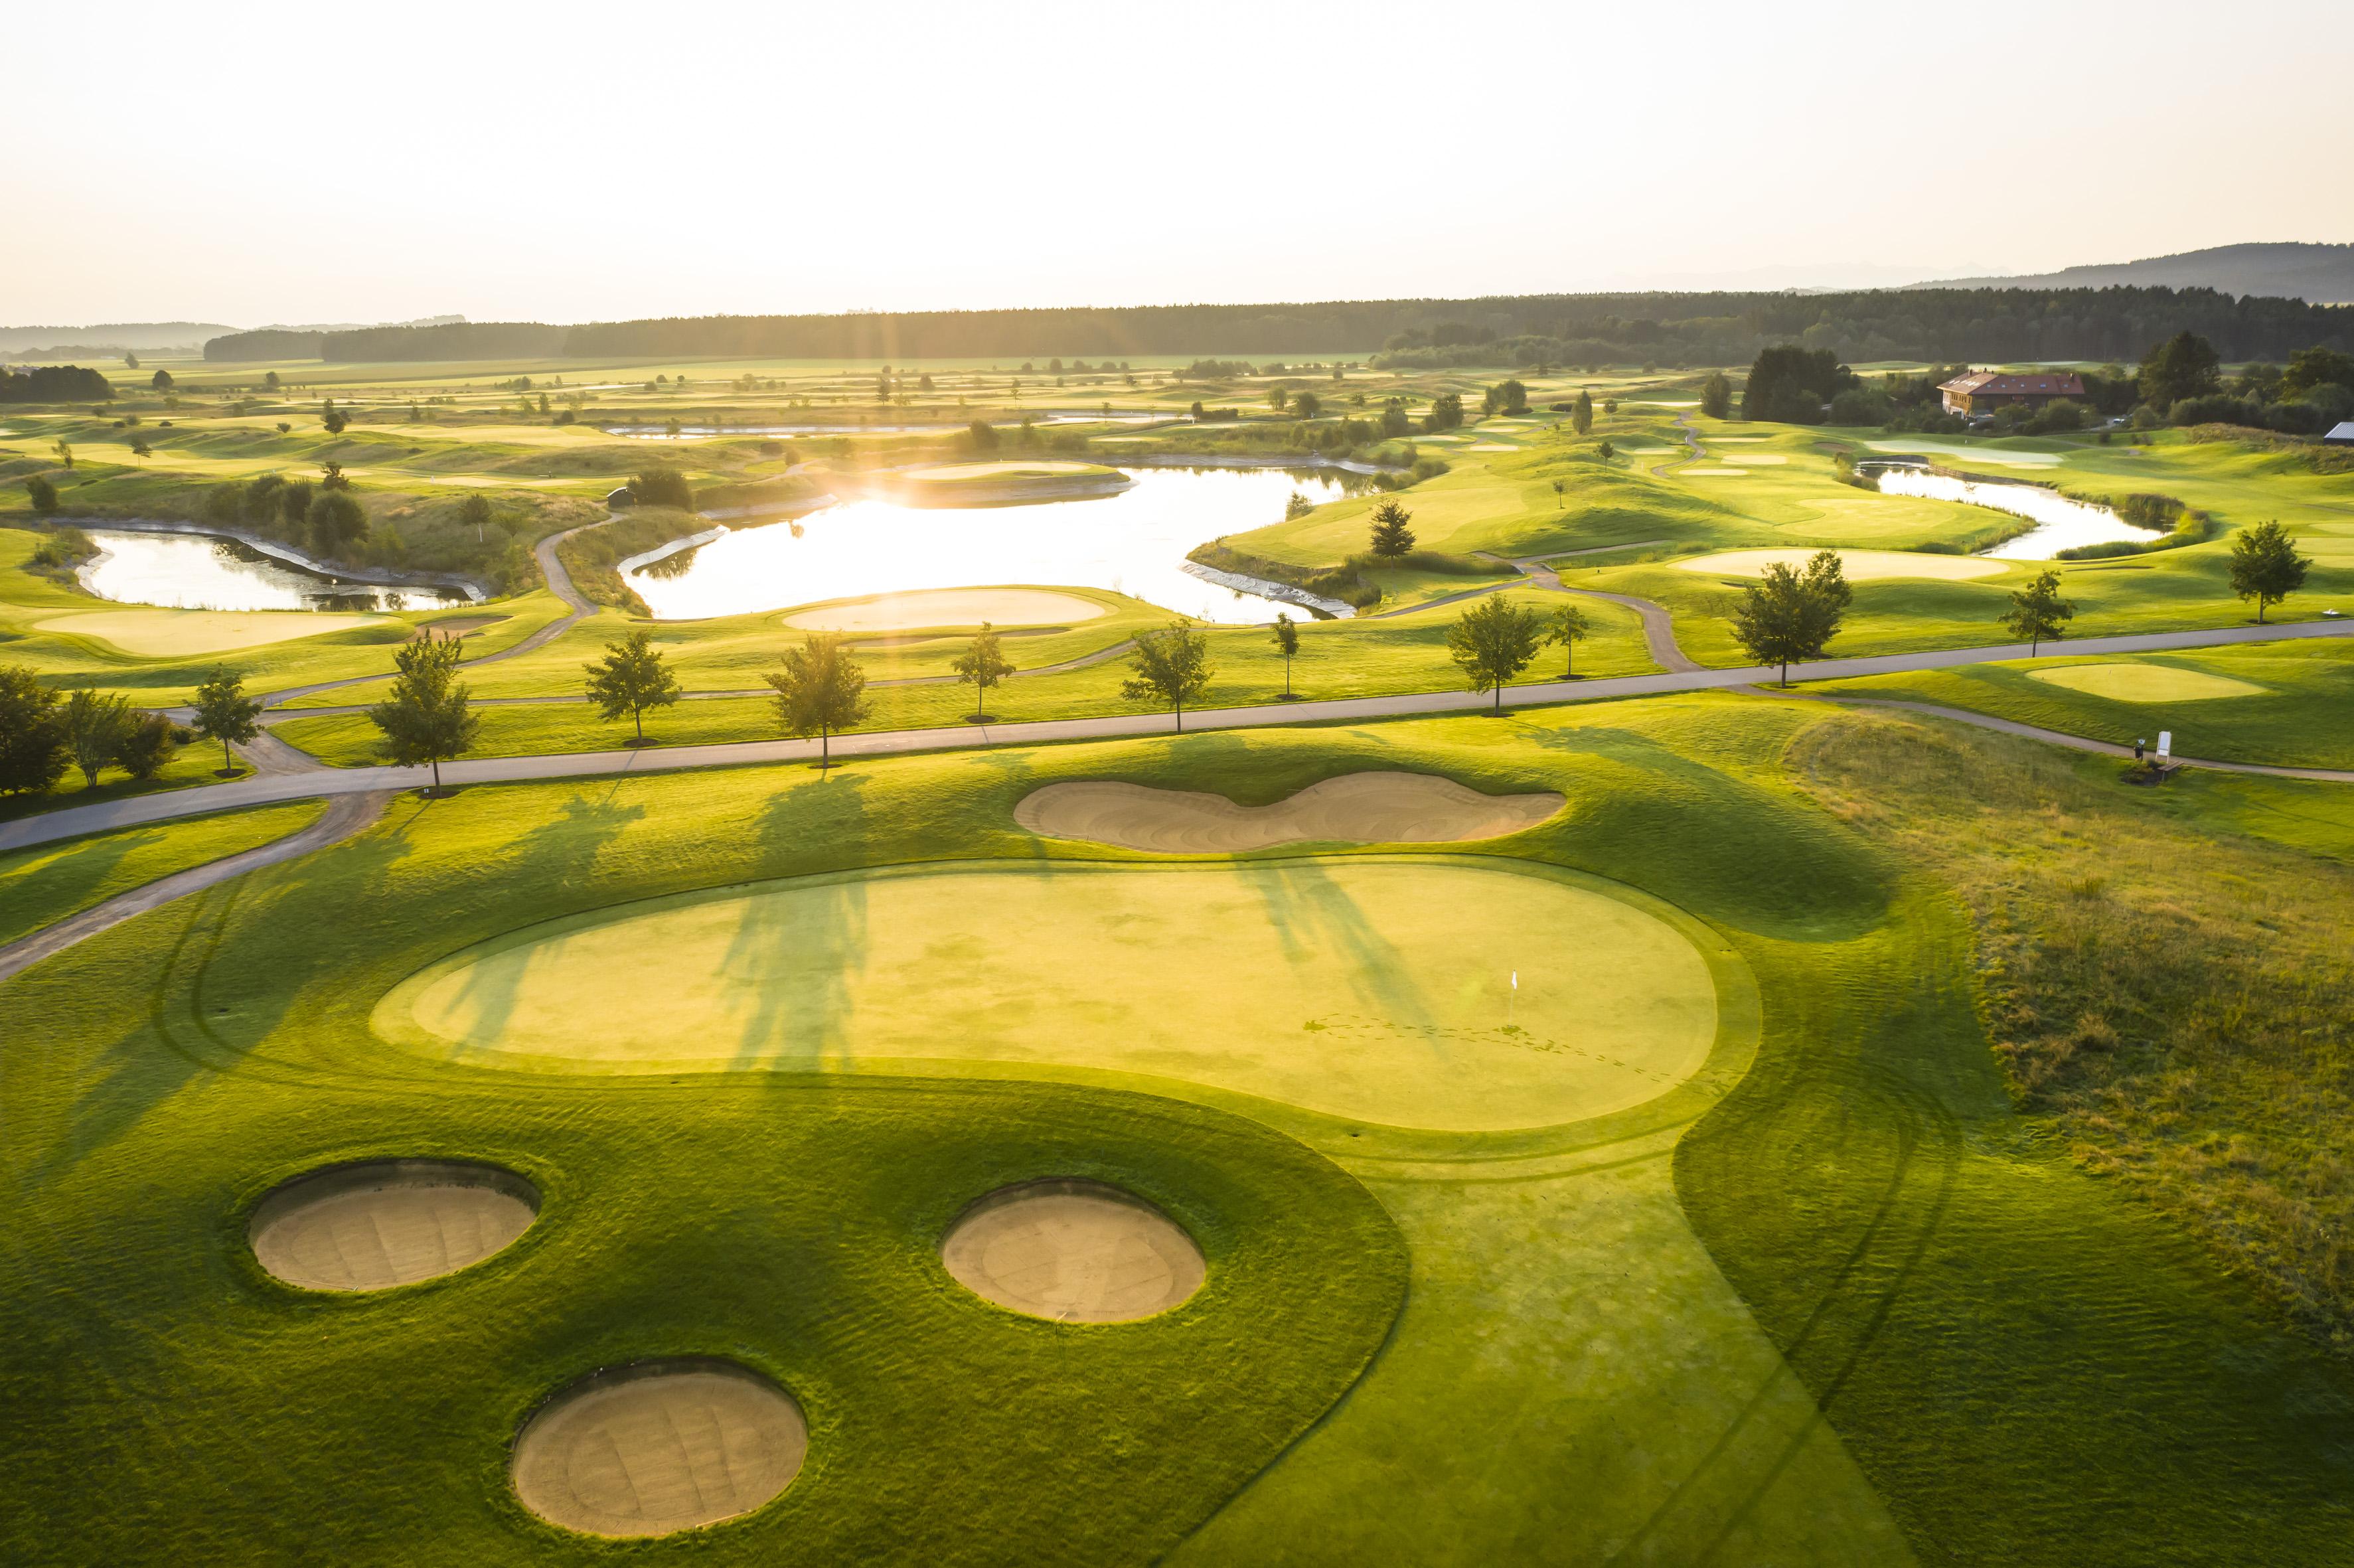 Golf_Valley_DJI_0339_Fotocredit von Sten